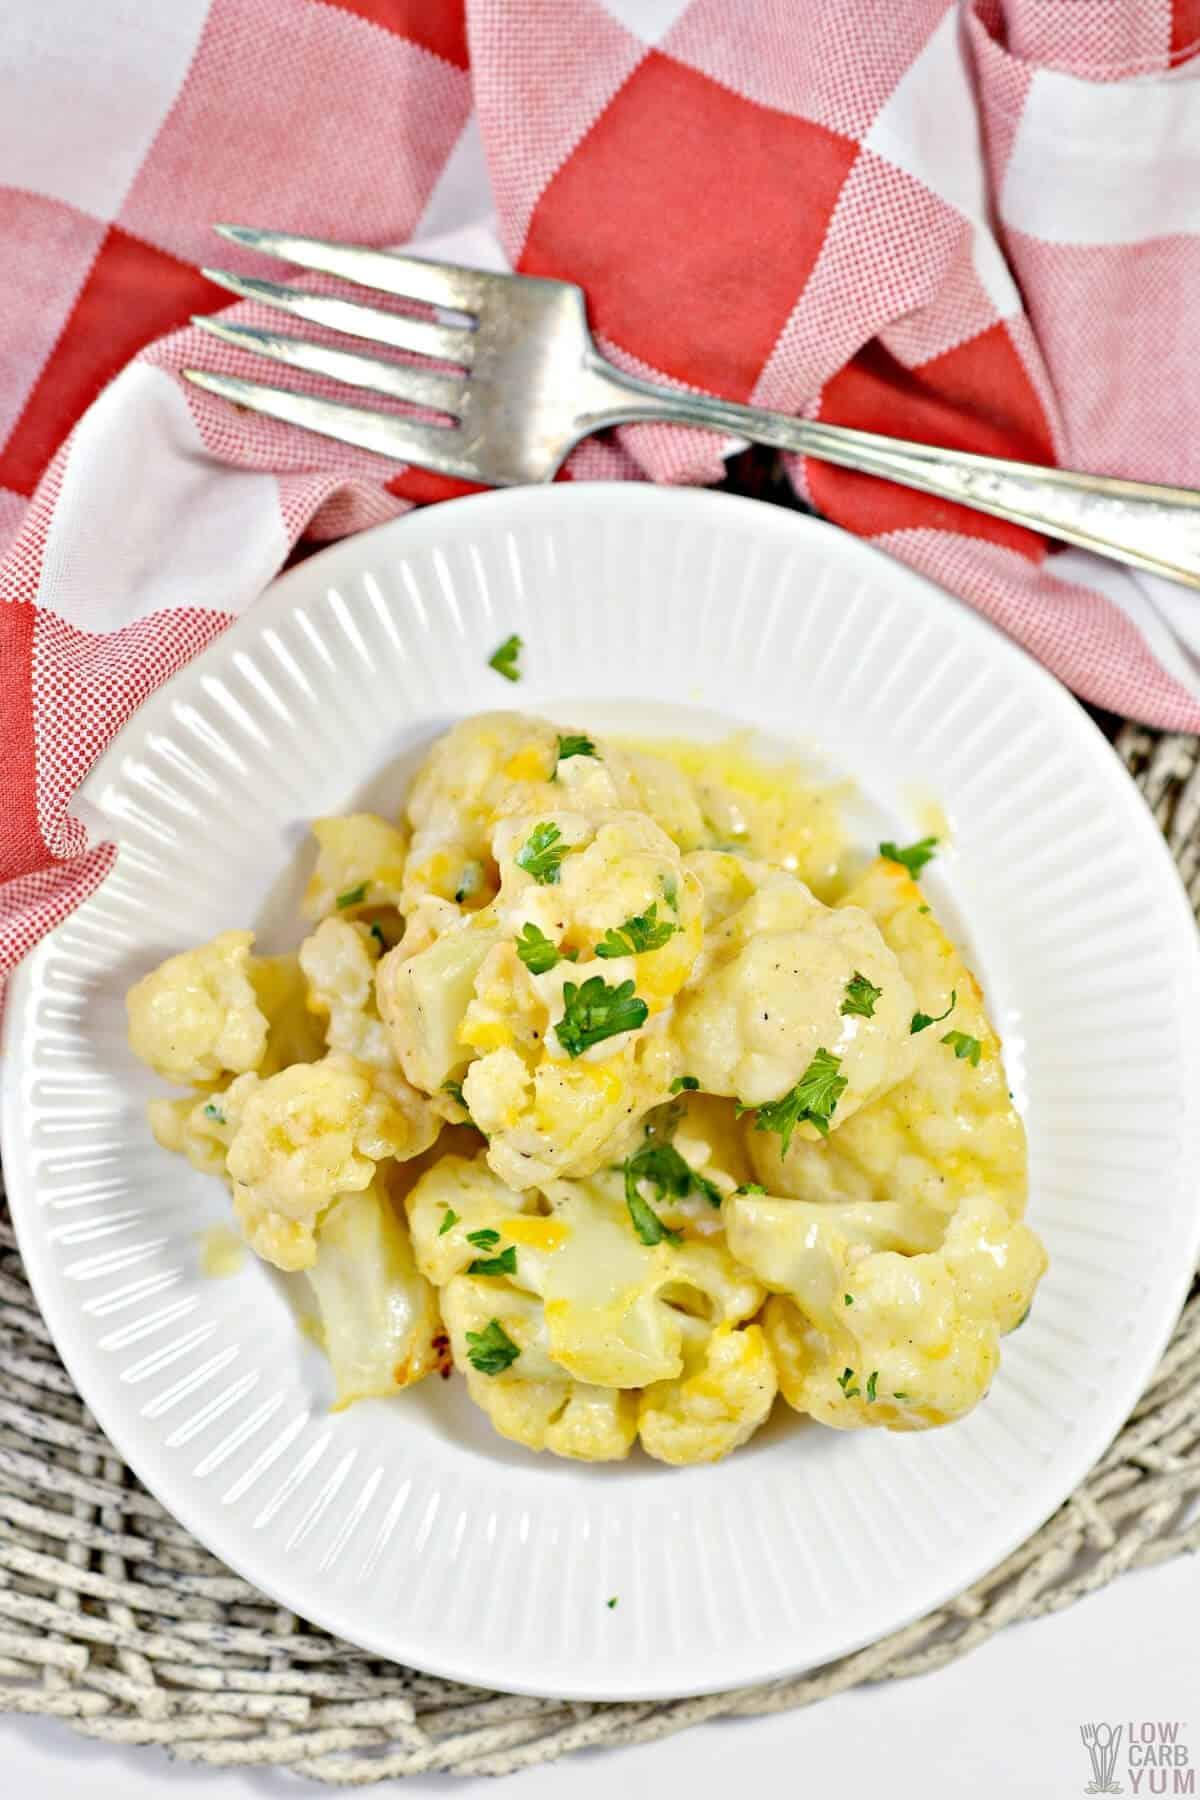 cauliflower mac and cheese keto recipe hero image